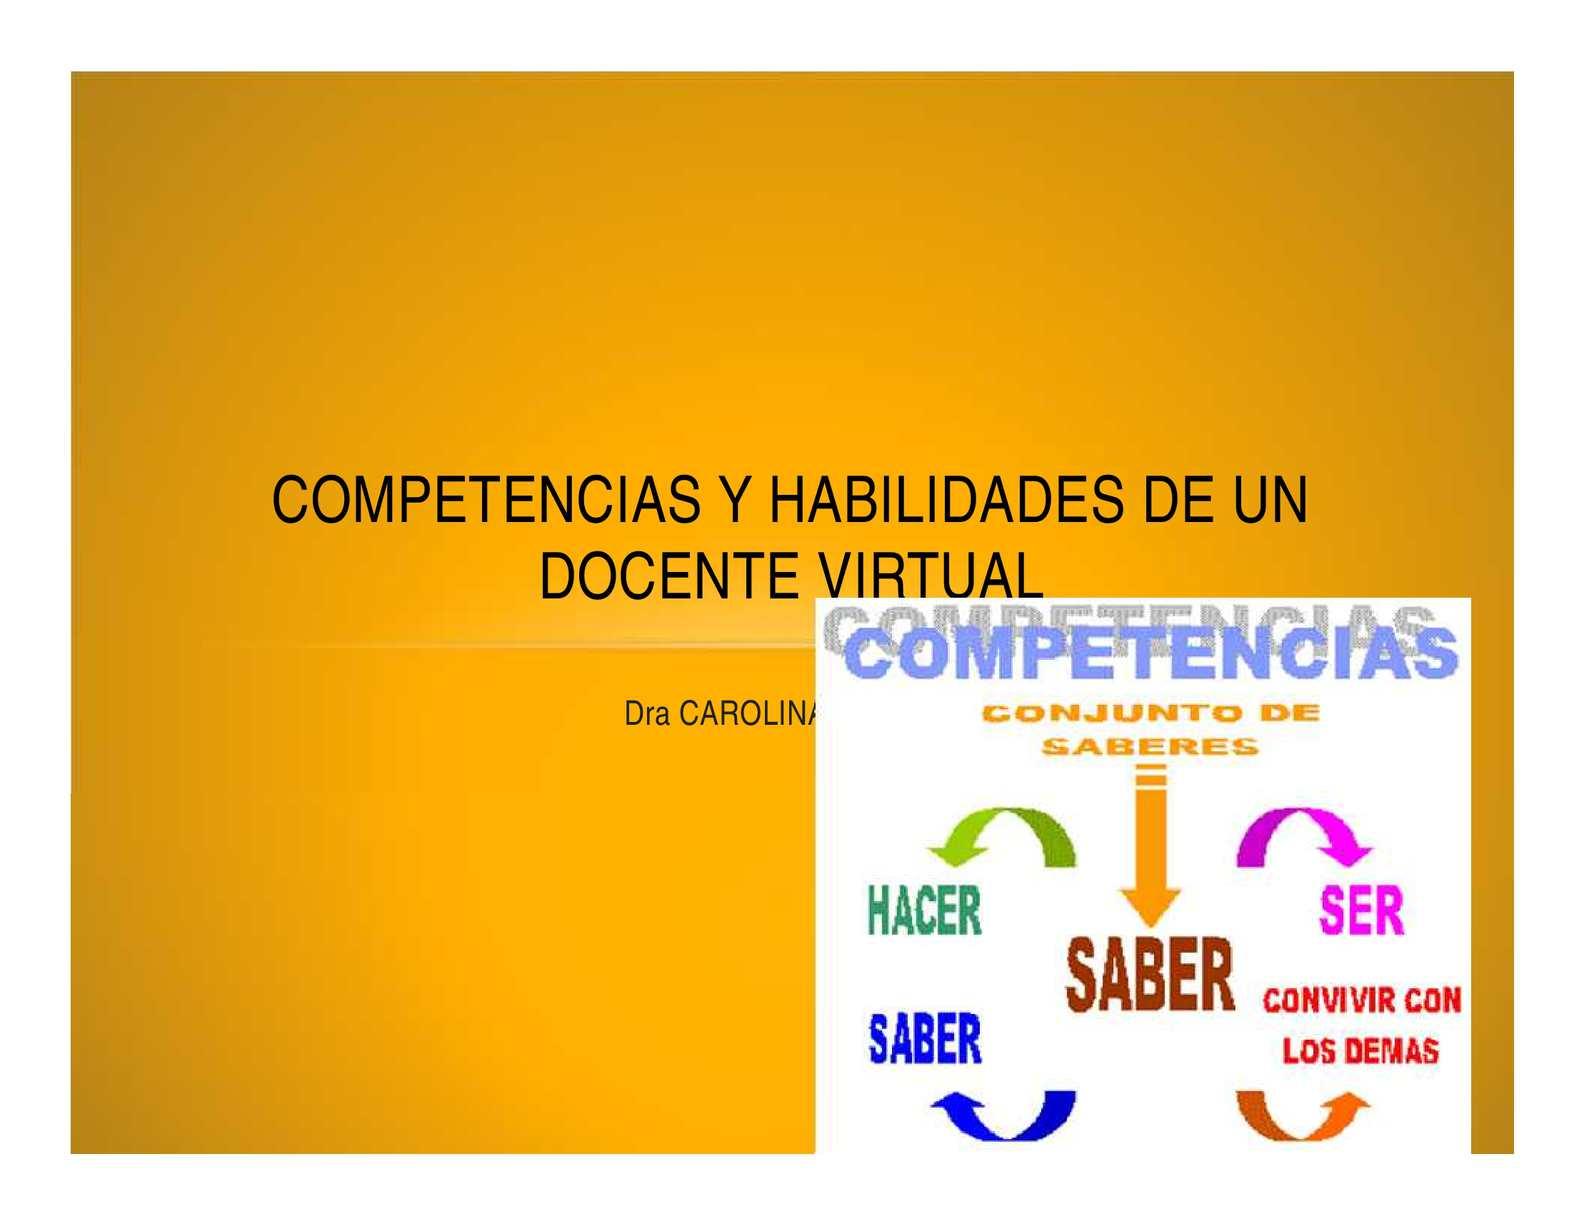 Calaméo Competencias Y Habilidades De Un Docente Virtual